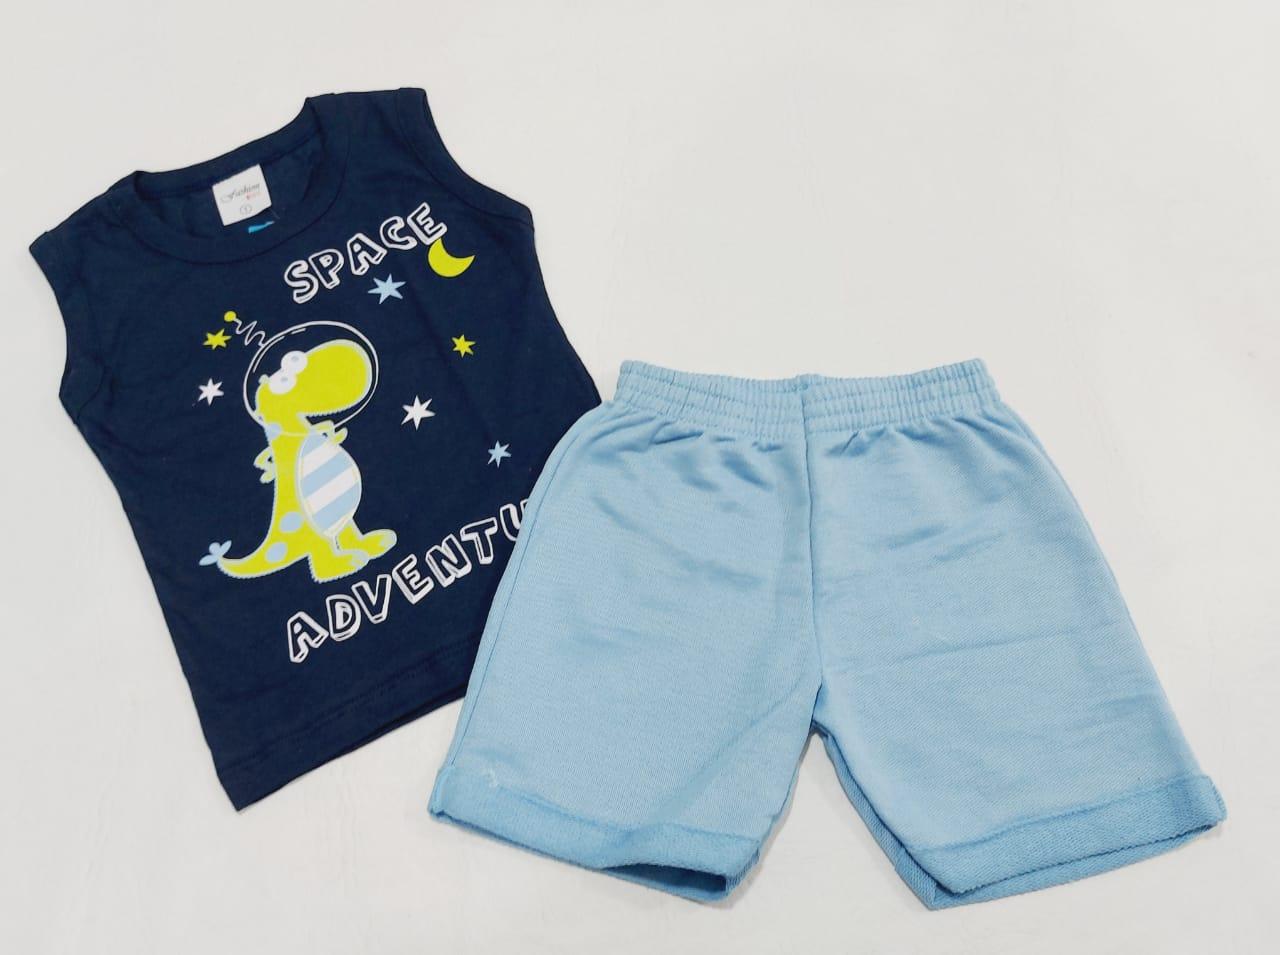 Conjunto Verão Space - Camisa Regata E Shorts - 02 Peças - 1 à 2 Anos - Fashion Kids